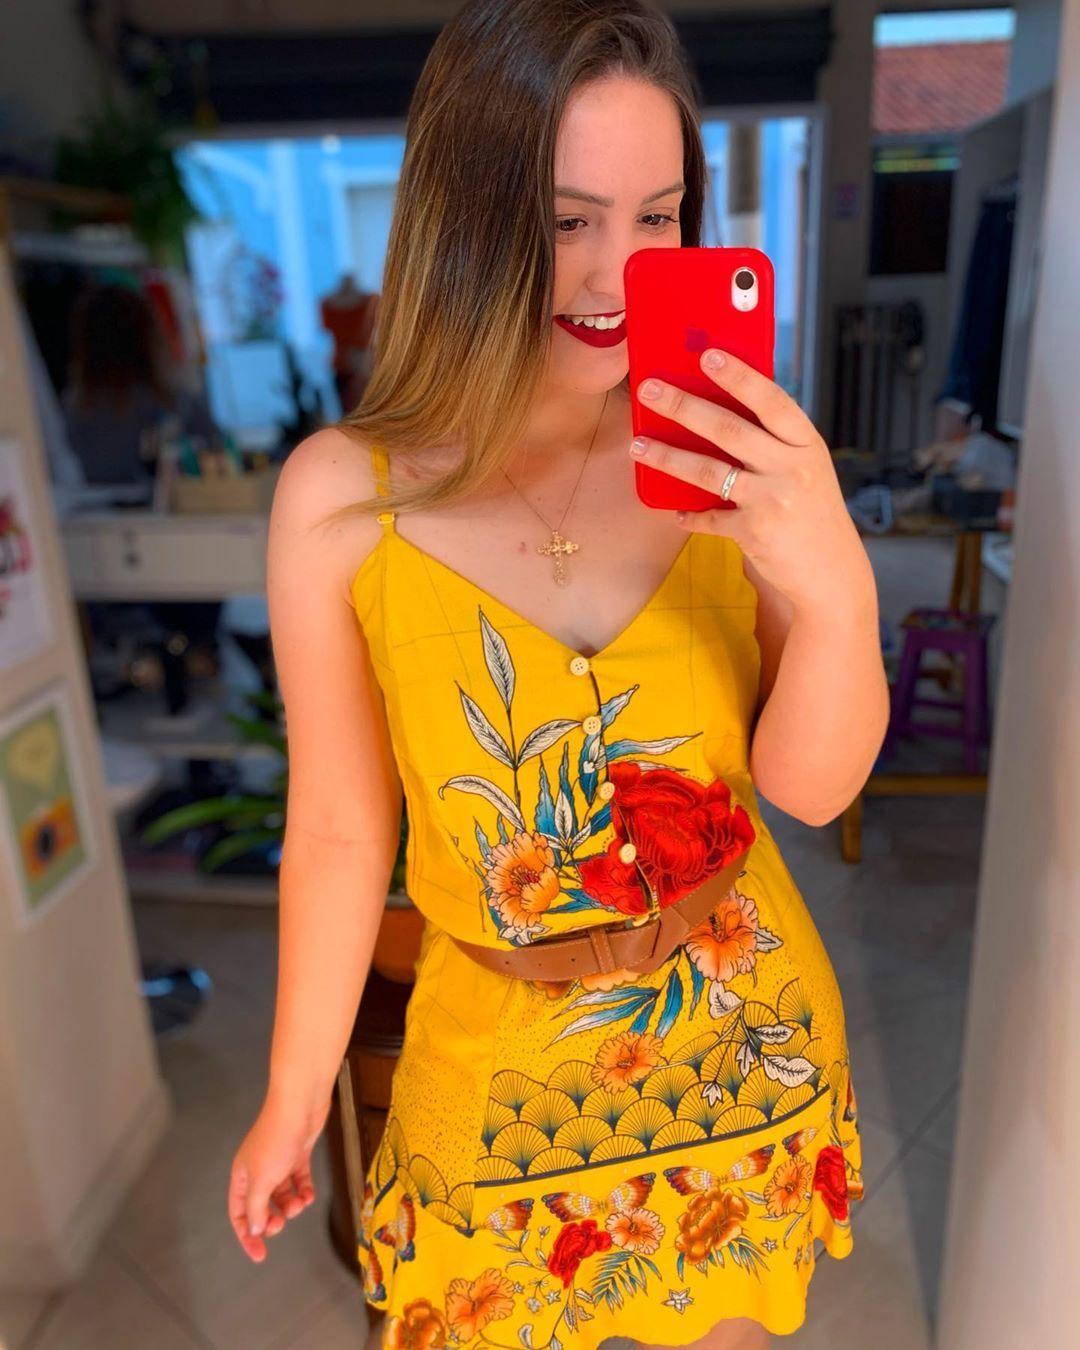 OMG ✨💛 Enviamos para todo o Brasil! . . . . #love #tendencia #girls #moda #modafeminina #blogueiras #photography #instalove #instapic #instaphoto #instafashion #fashion #fashionistas #aquitem #denim #jeans #lojas #compra #cunha #curtidas #pedradamacela #love #amor #onça #animalprint #shoes #calcados #tenis #mules